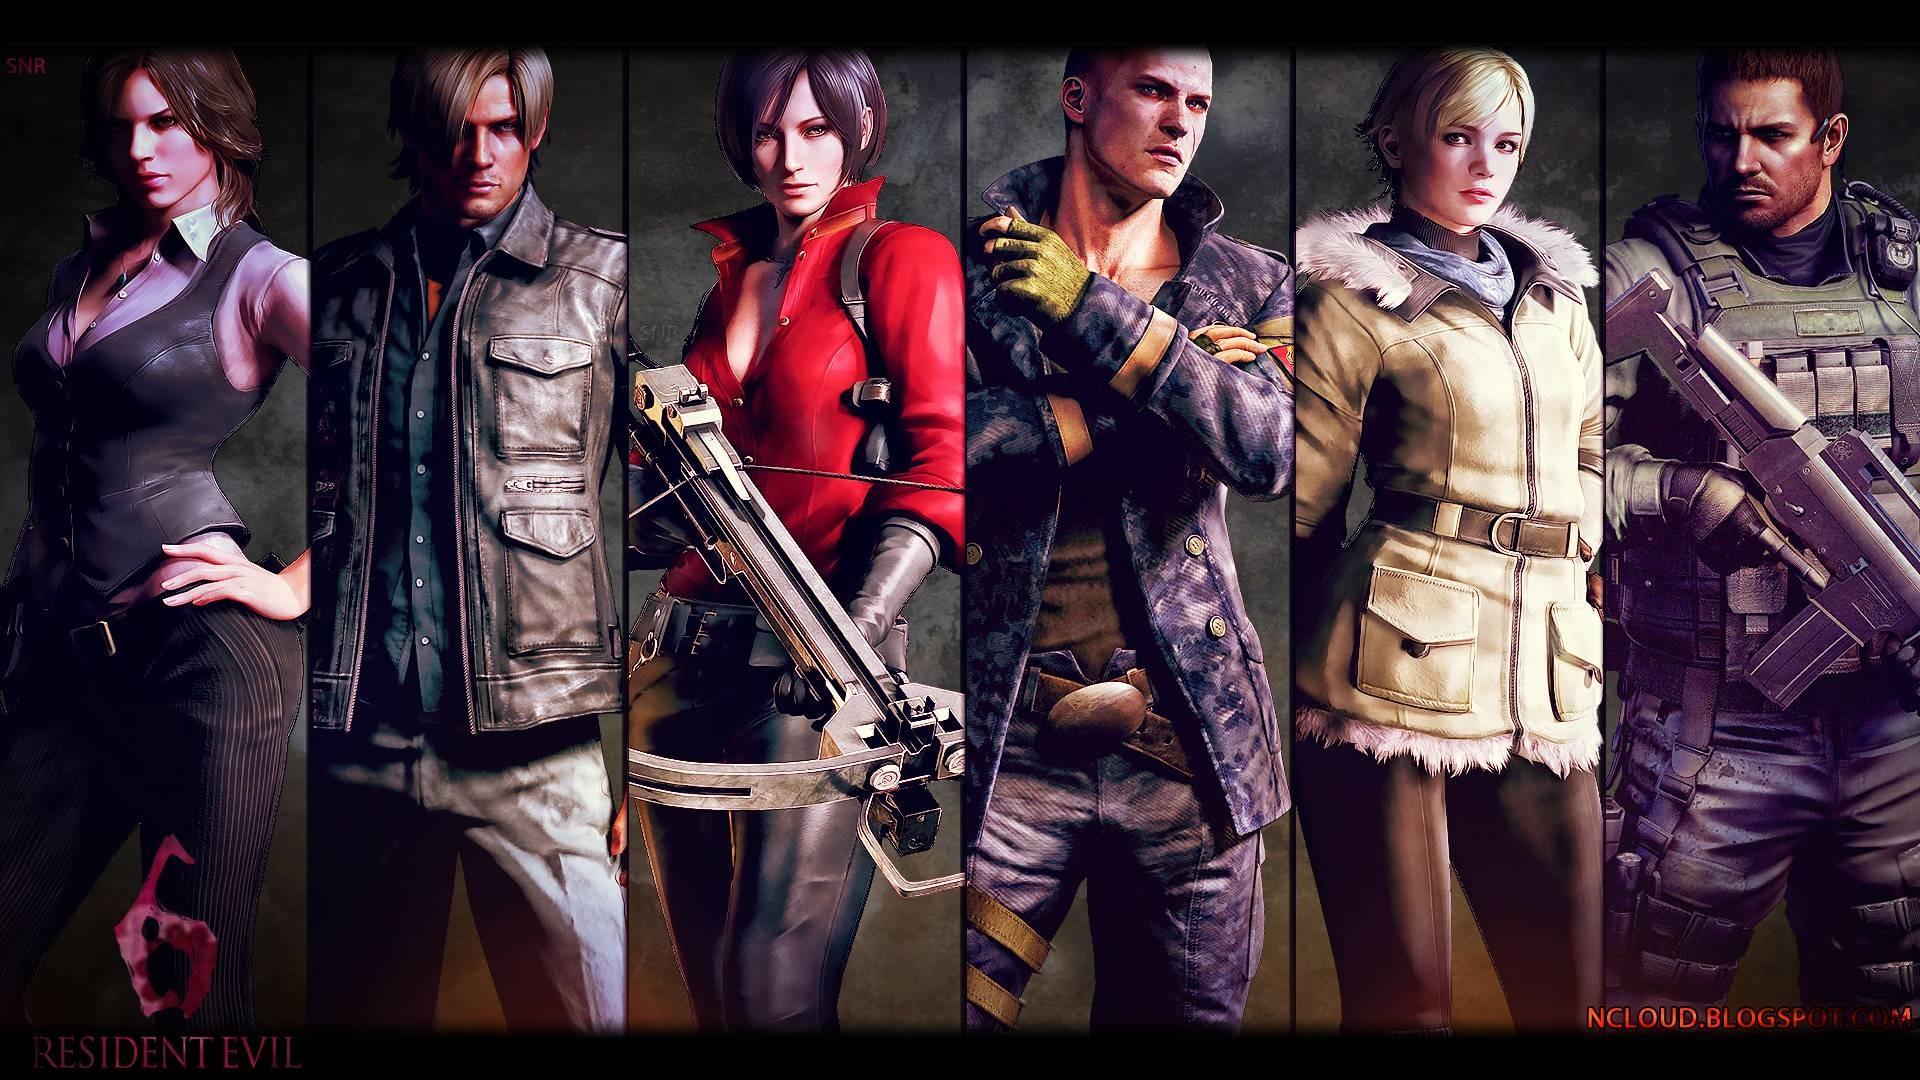 Resident Evil 6 Wallpapers Set